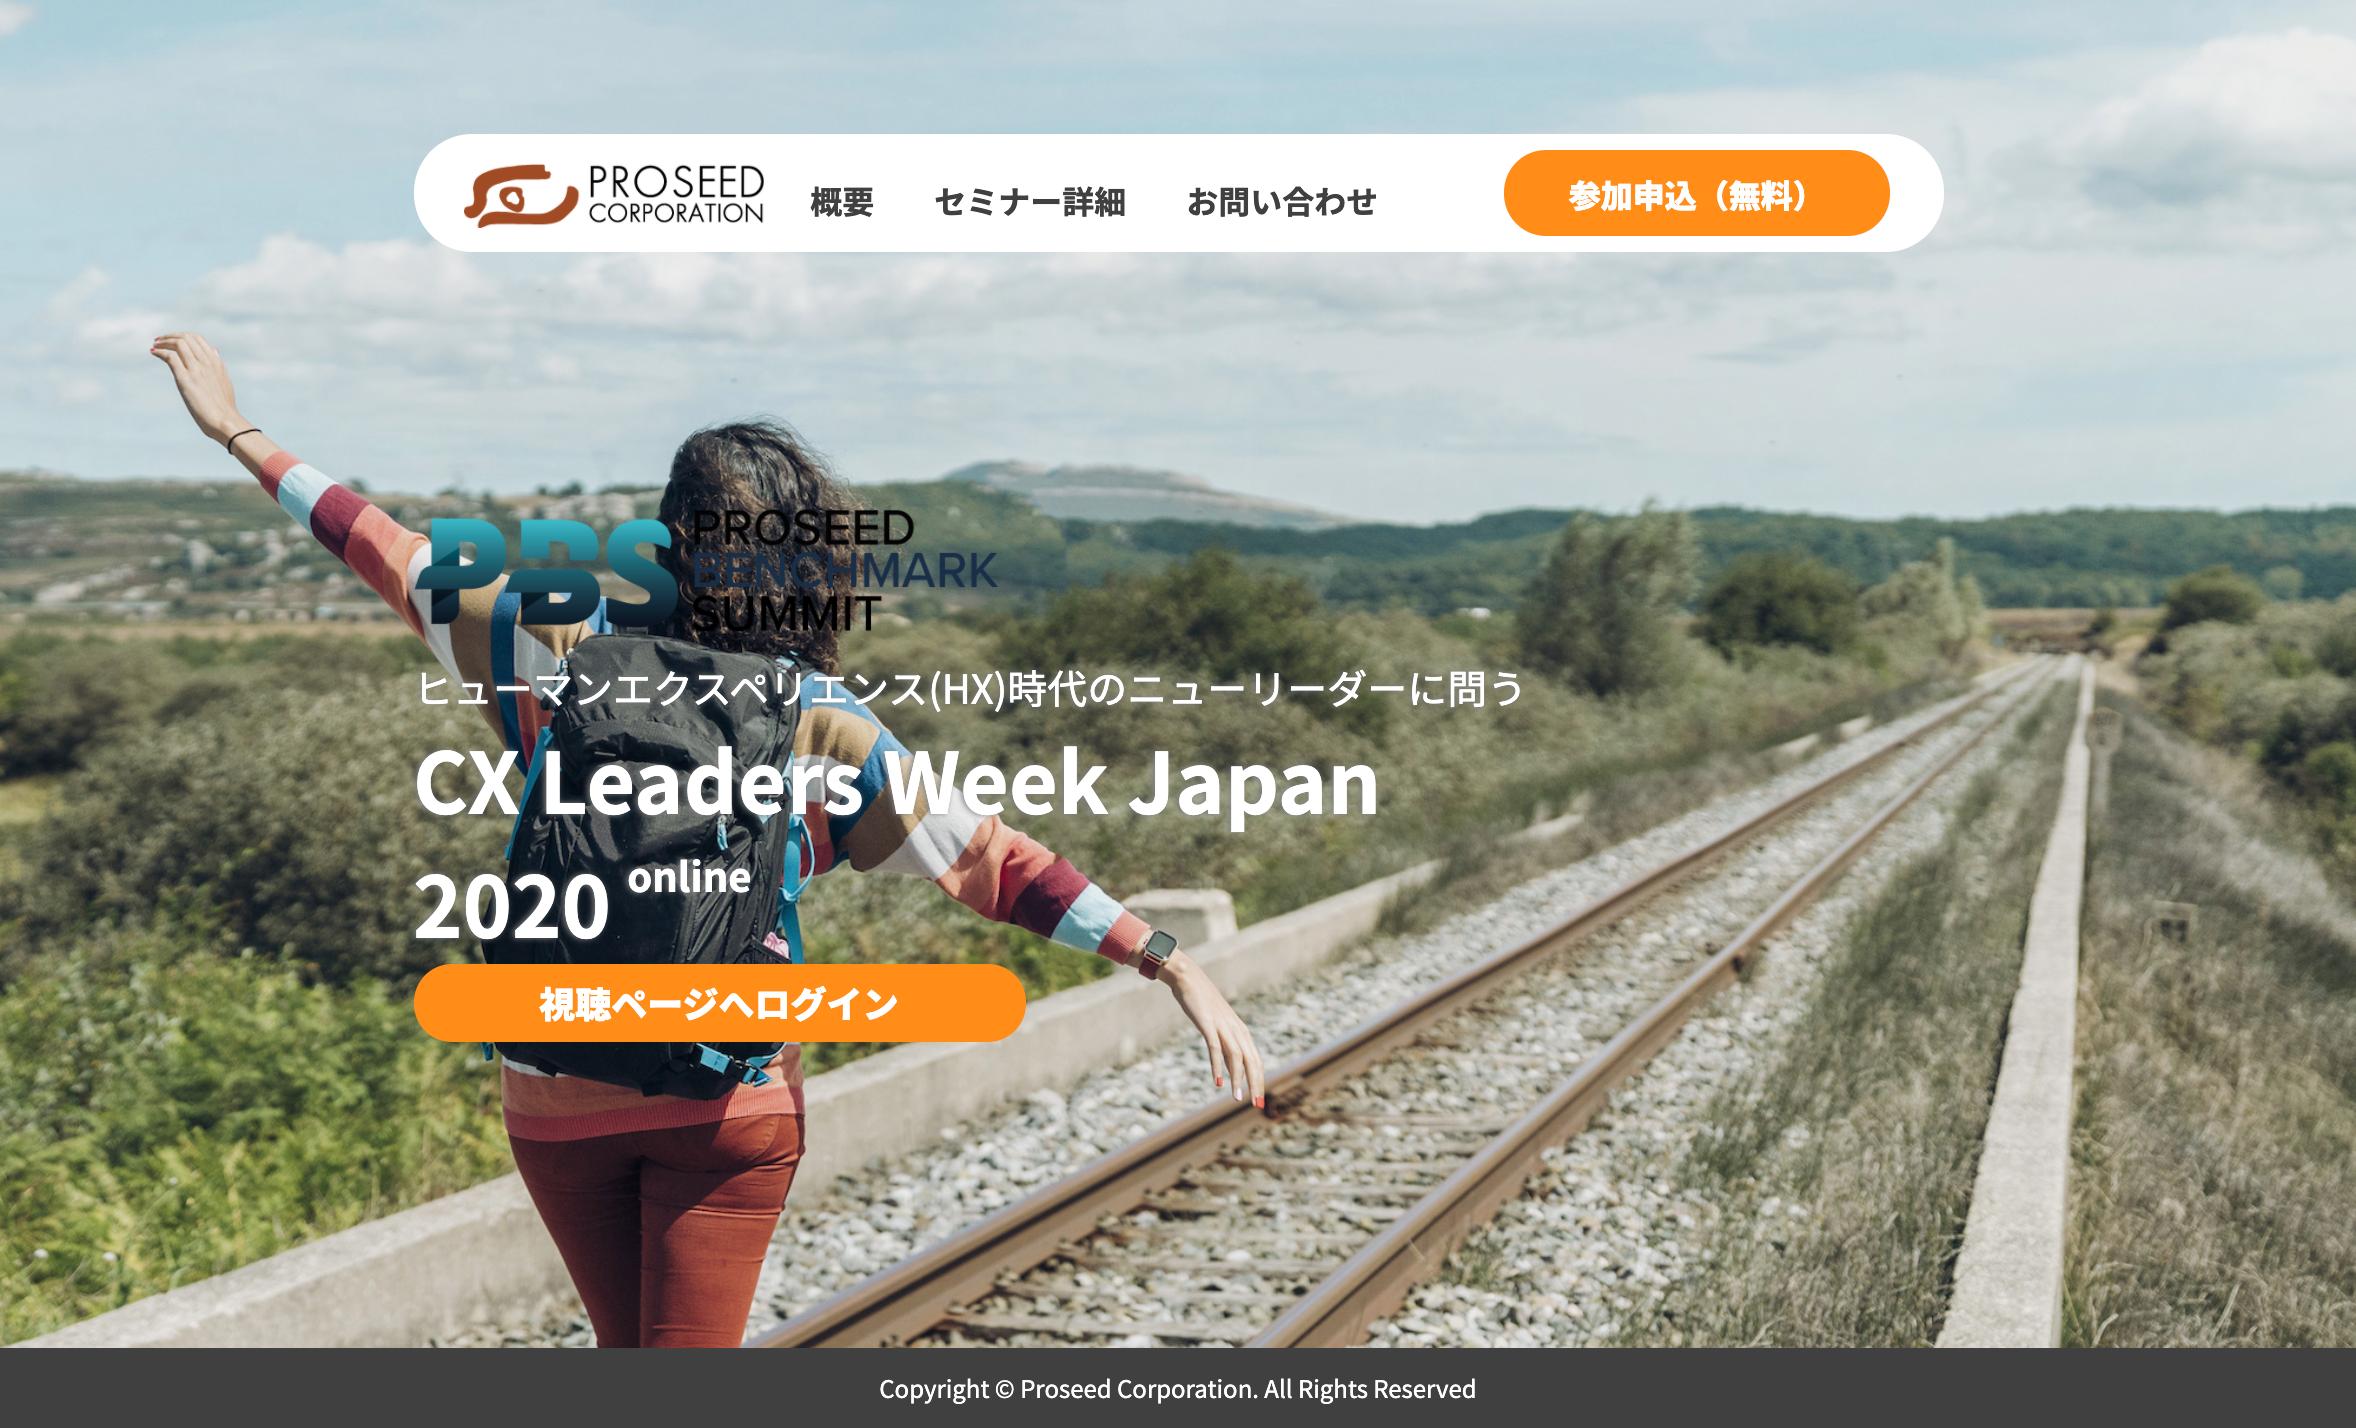 オンラインイベント企画・運営サポート|株式会社プロシード様